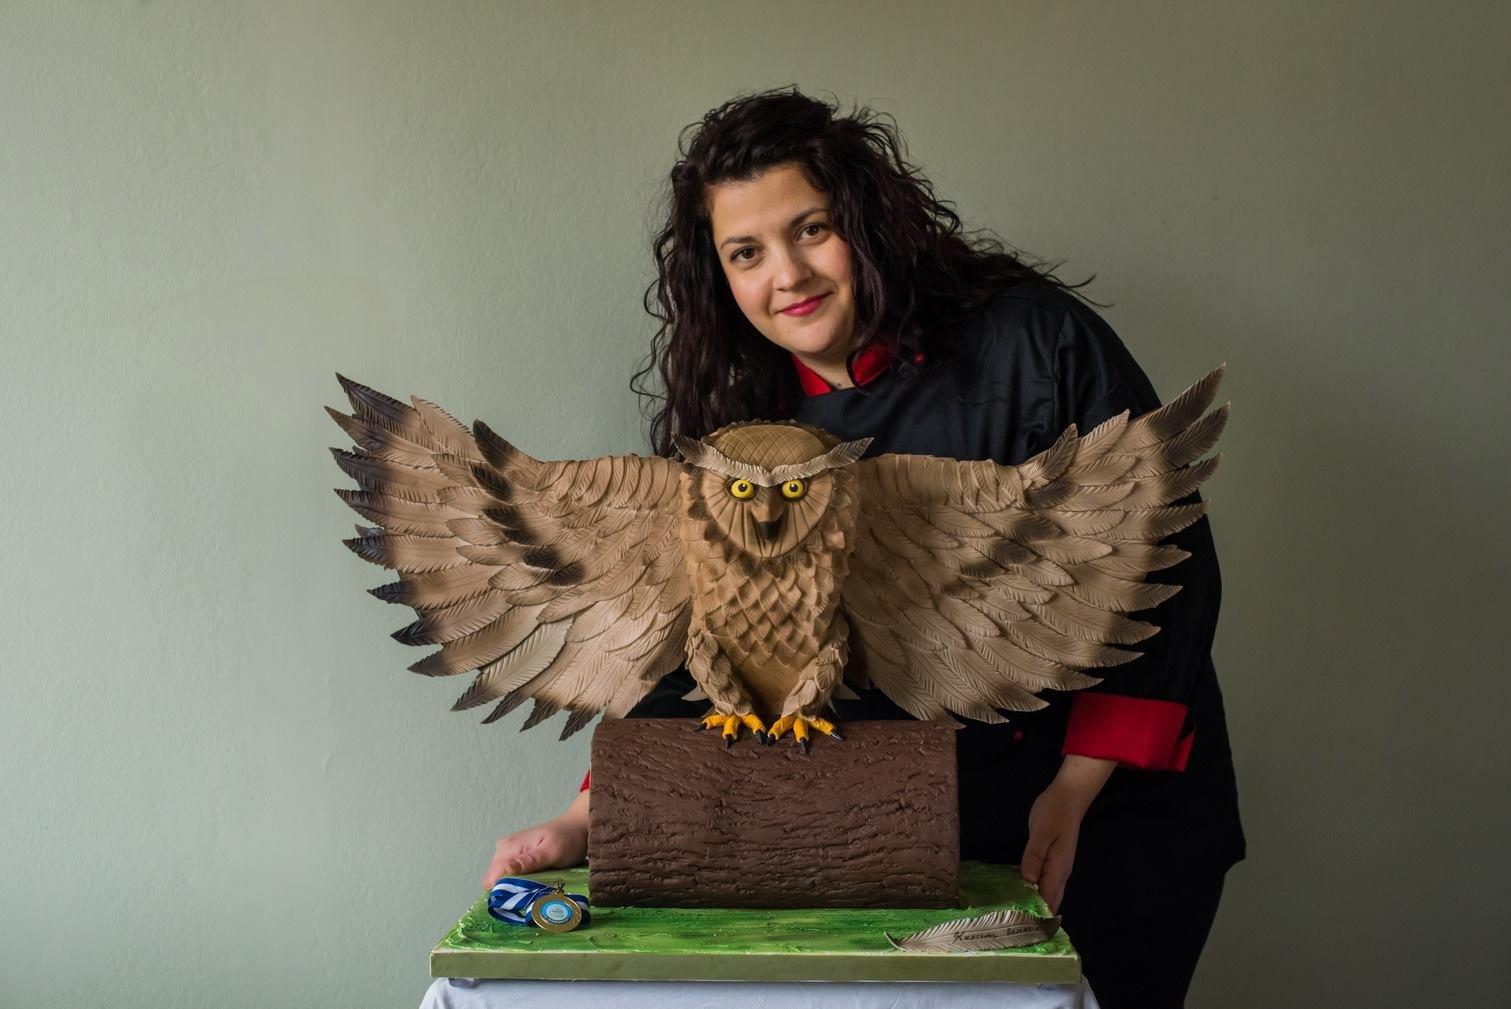 Χρυσό Πανελλαδικό Βραβείο στο Πανελλήνιο Διαγωνισμό Expotrof 2017 (the Owl) από ζαχαρόπαστα